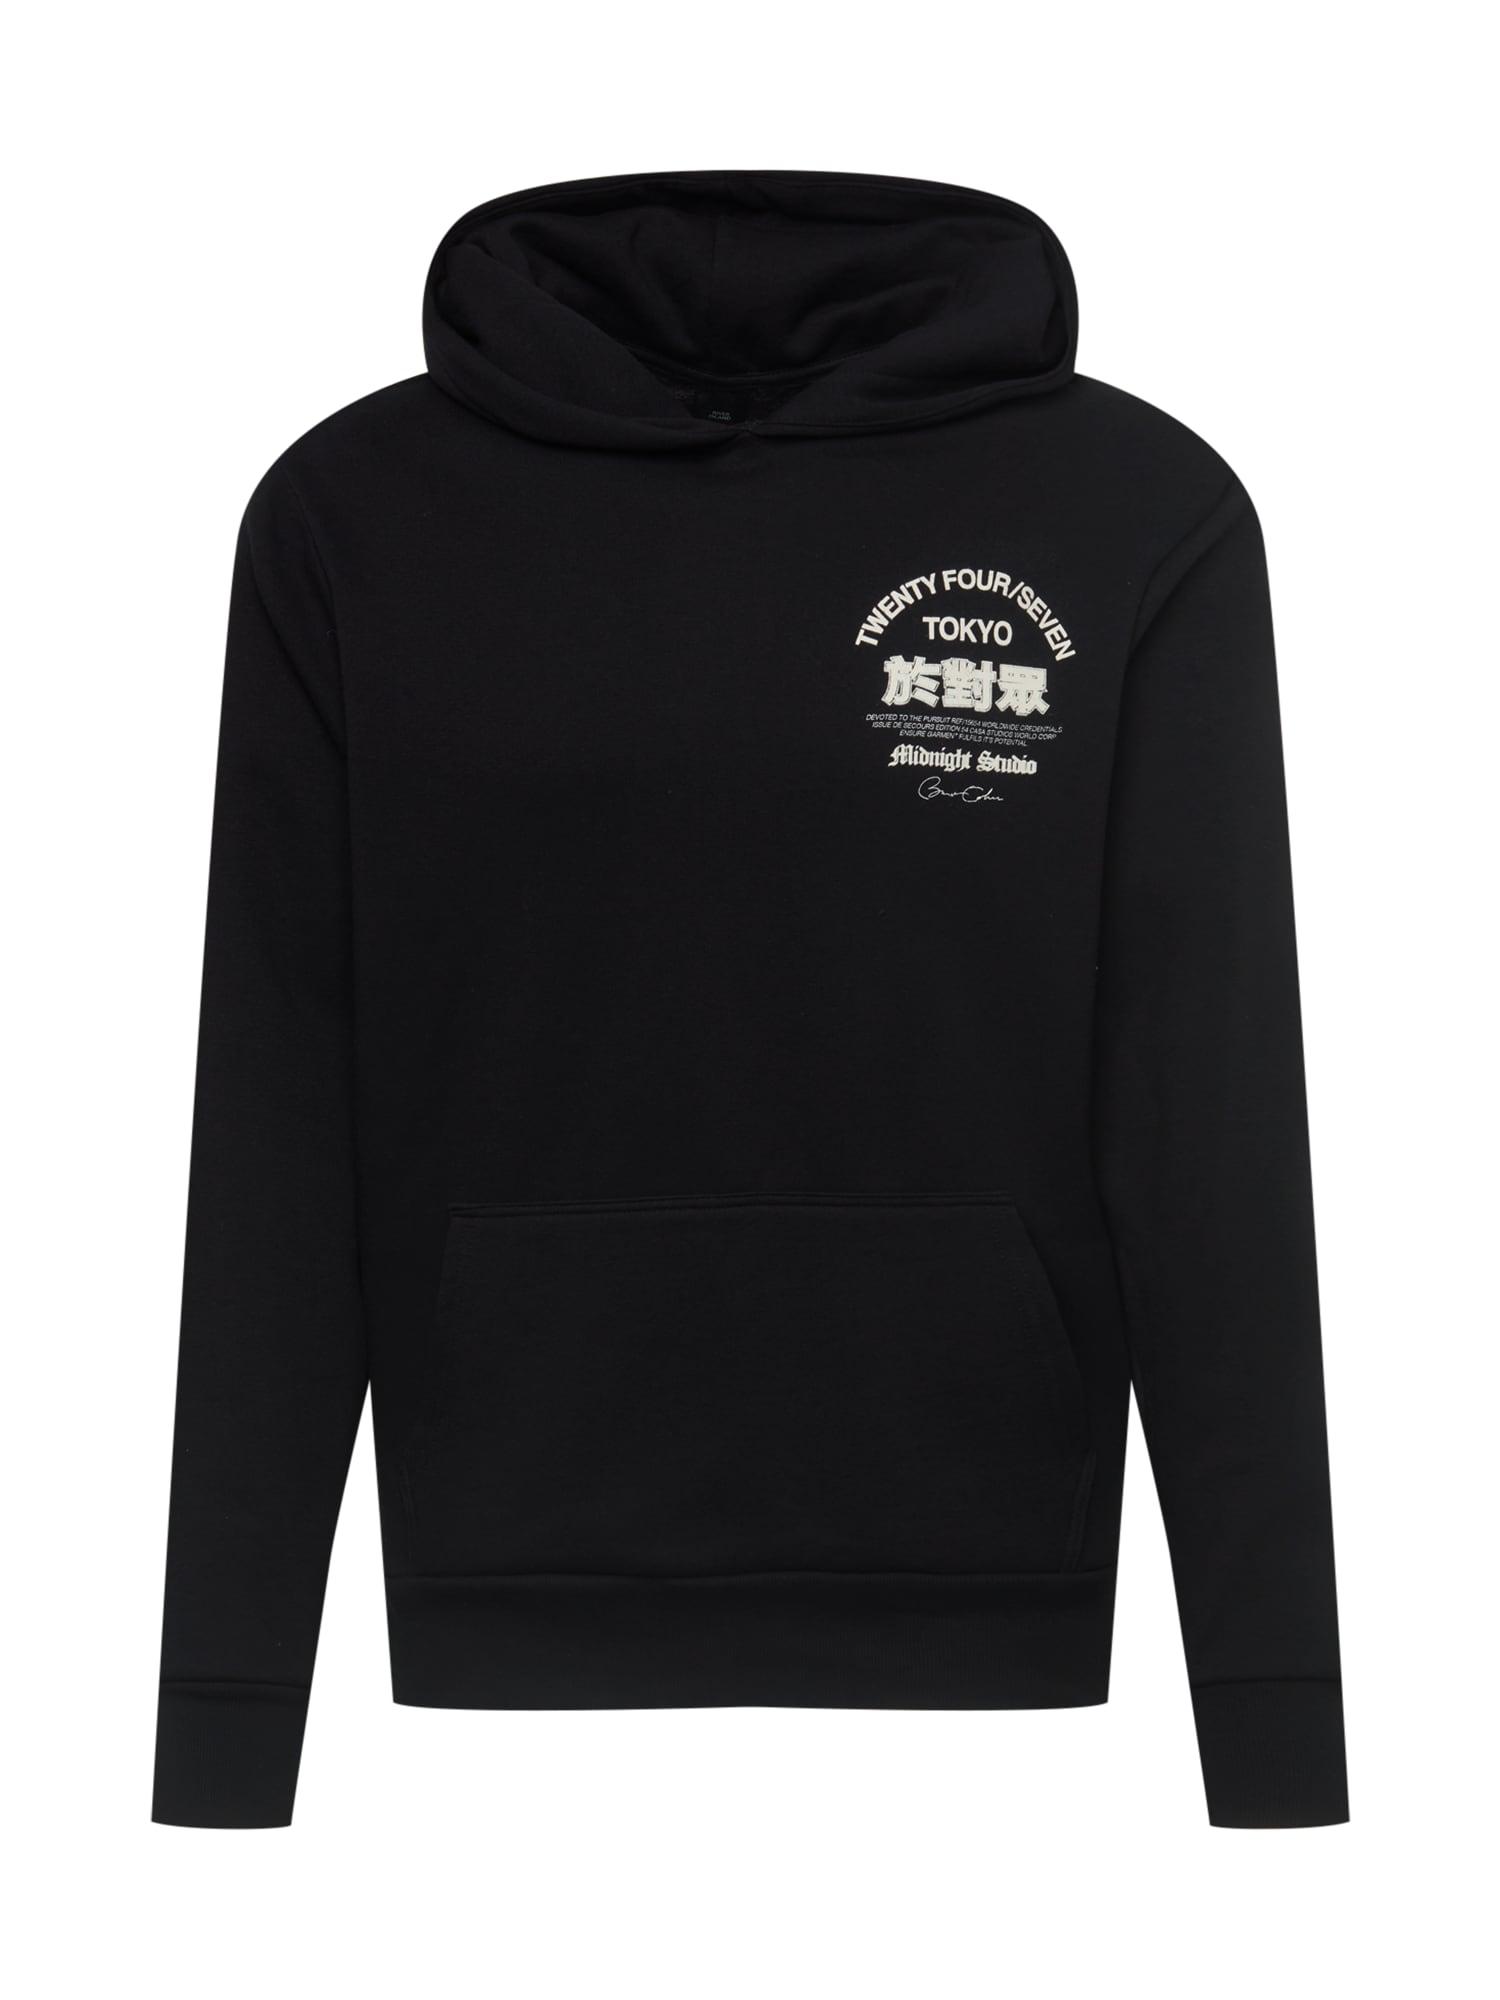 River Island Sweat-shirt 'METROPOLE PARIS'  - Noir - Taille: L - male